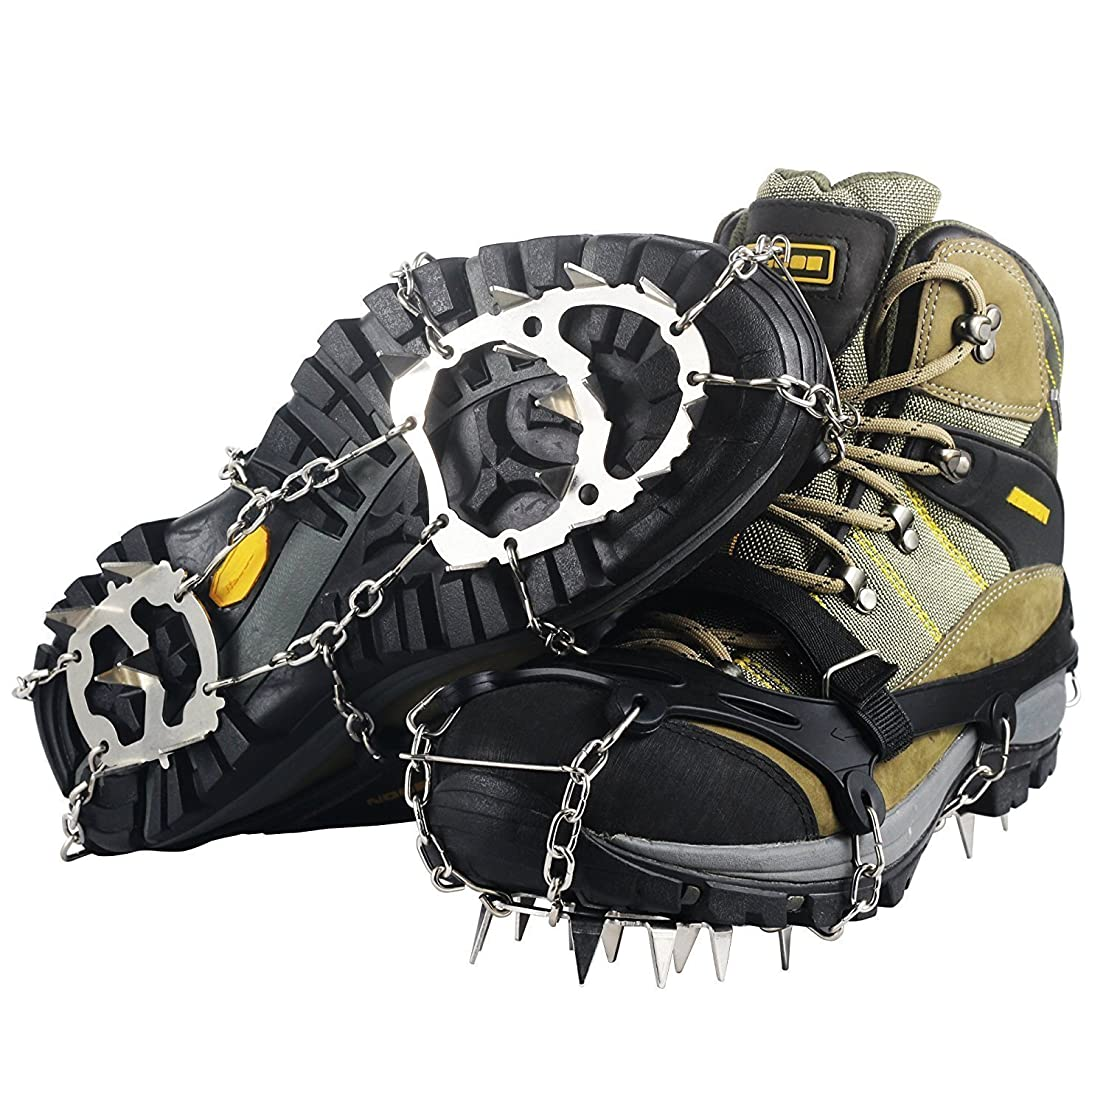 むき出しメーカー送金YDI 18本爪 アイゼン、ステンレススチールチェーンアイスクリートスノークリート、スノーウォーキングに最適ハイキングキャンプ登山クライミングハンティング - Lサイズ